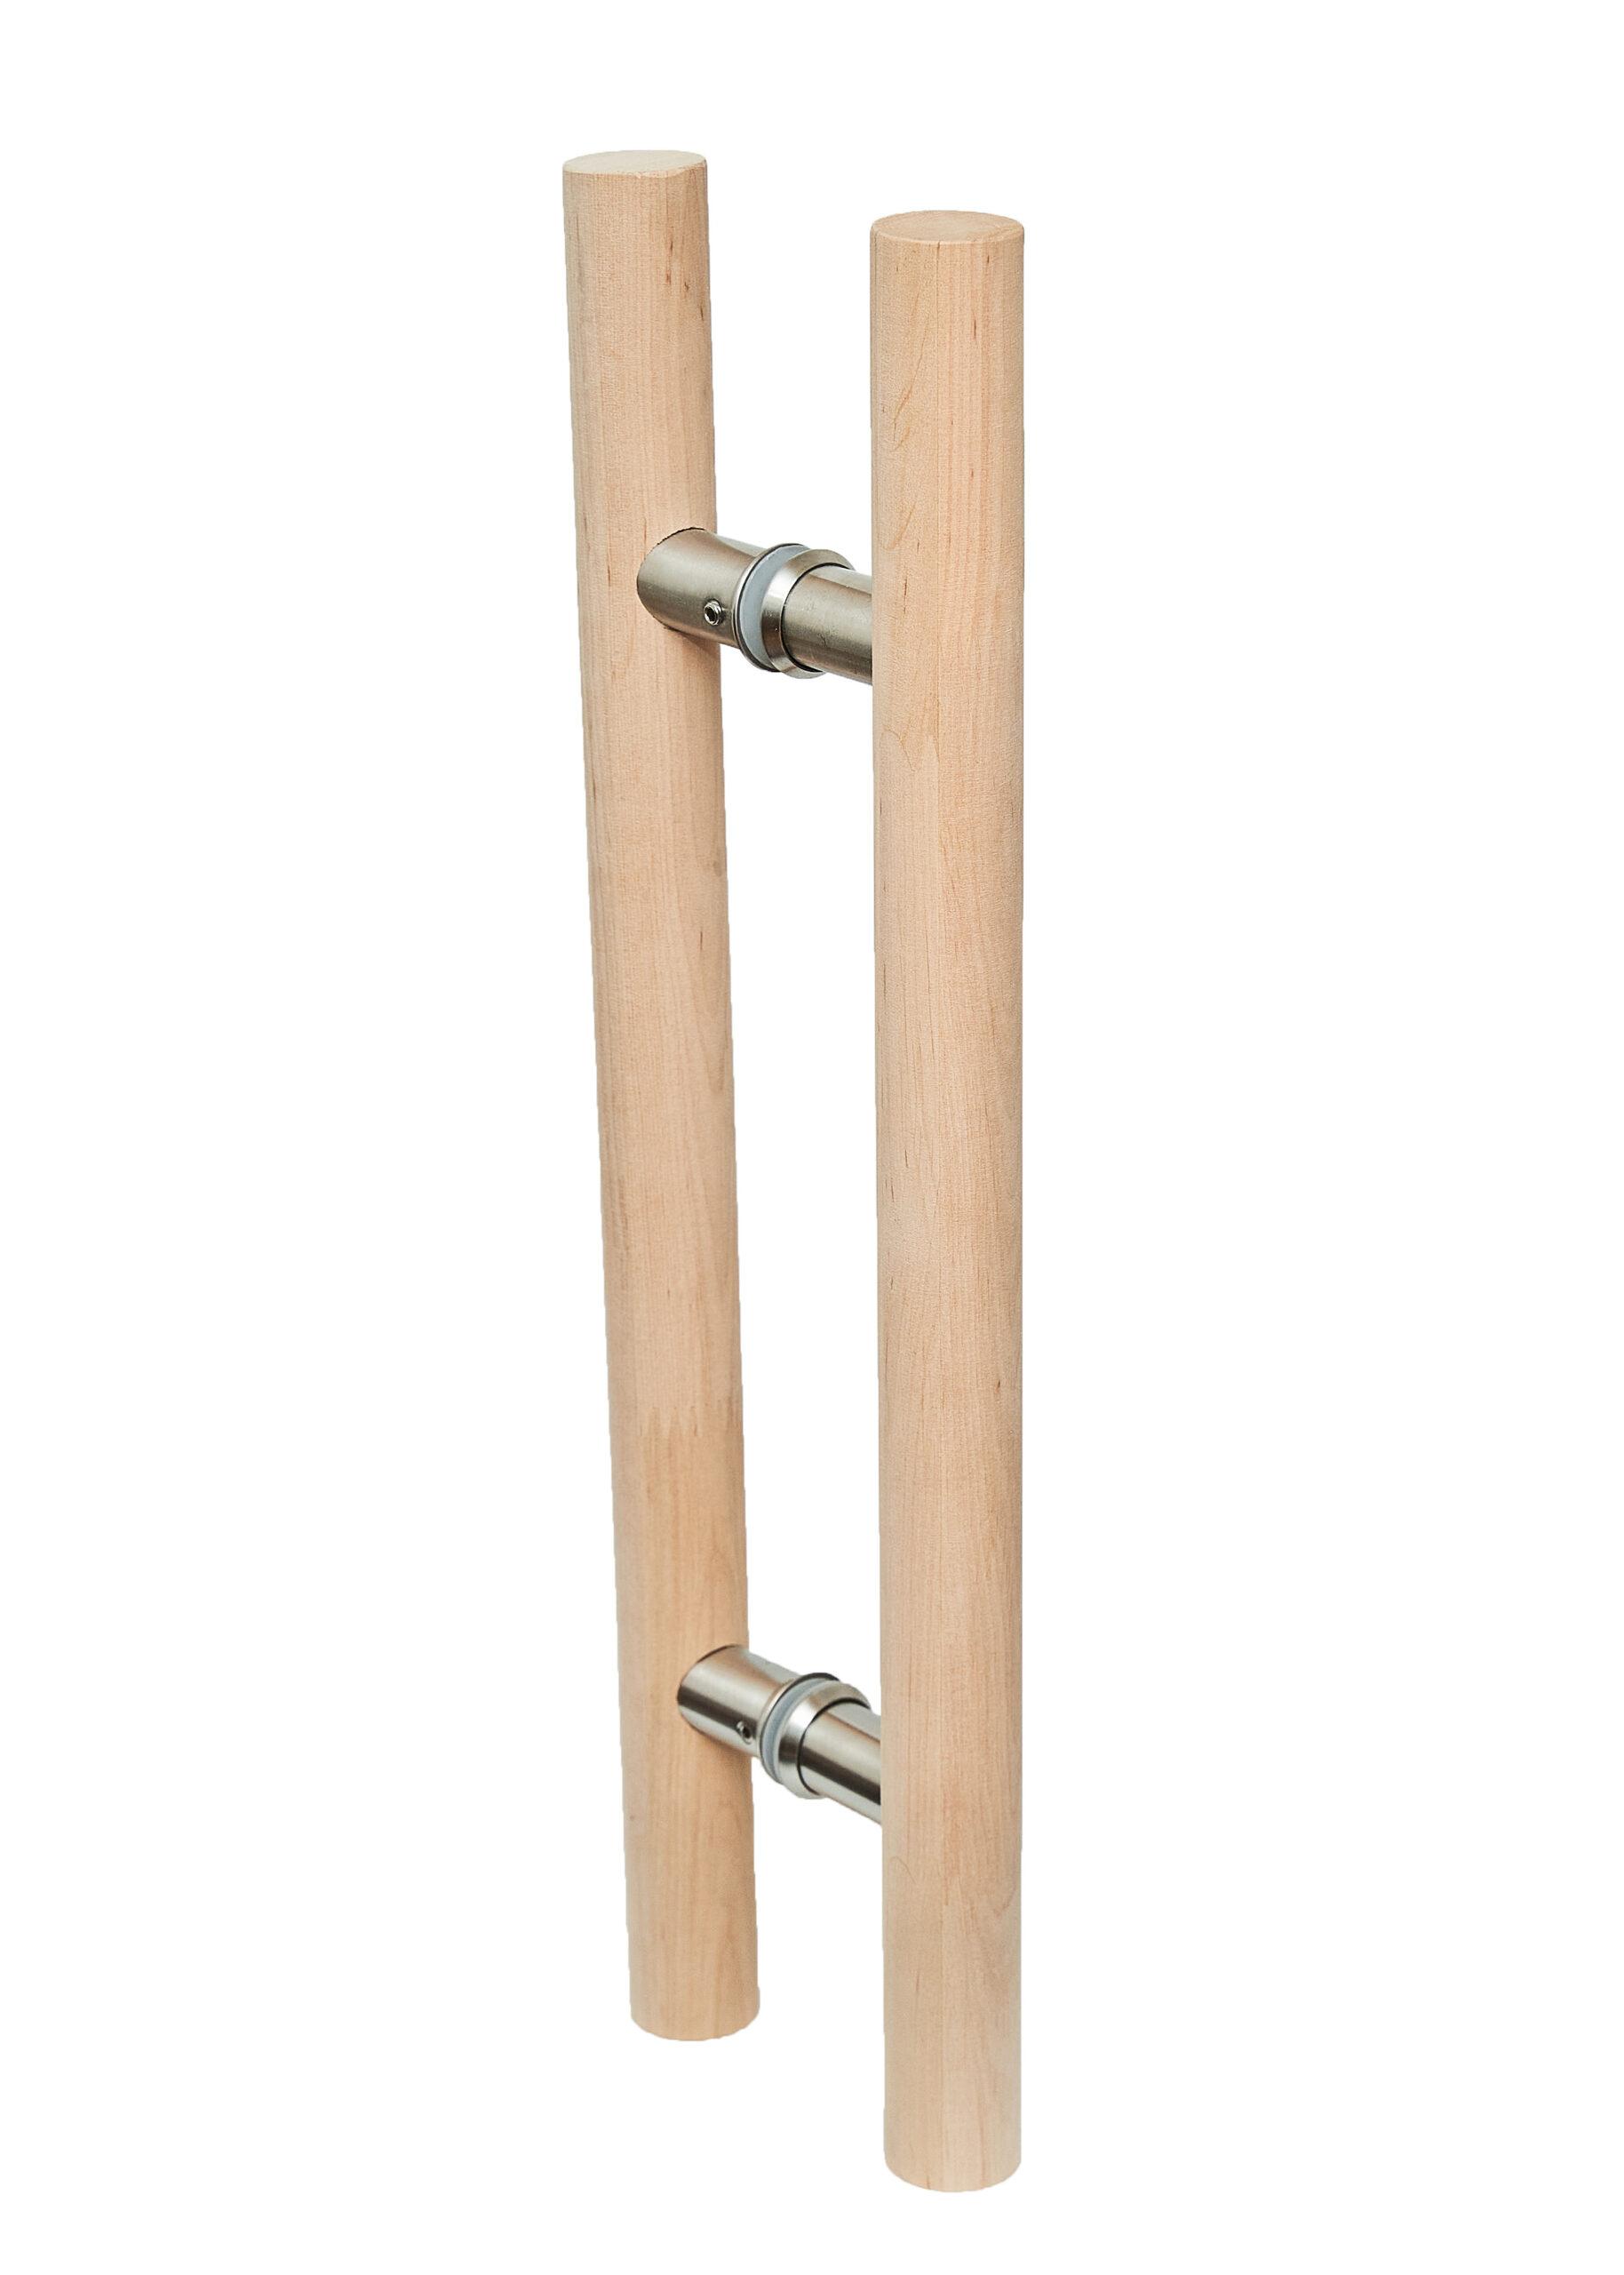 Puit/puit vertikaalne käepide